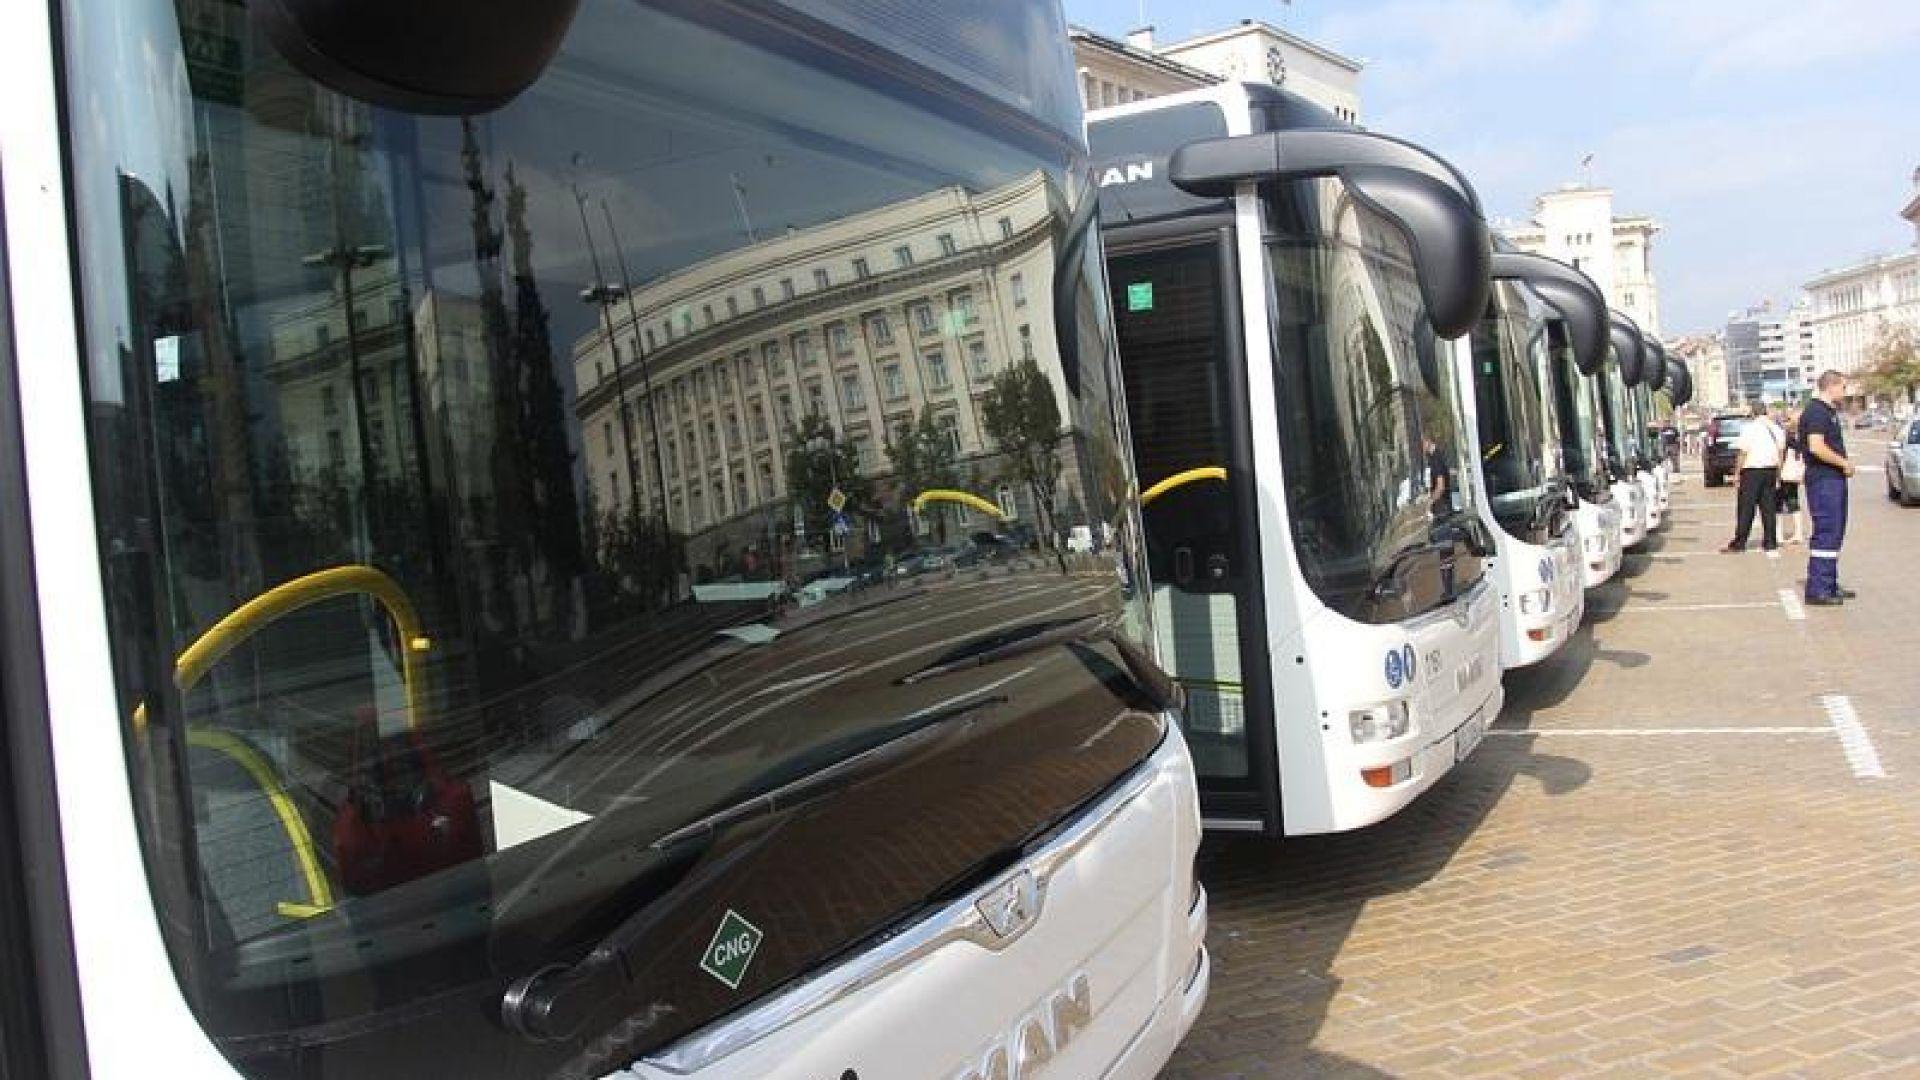 Двайсет нови автобуса МАН тръгват по столичната линия 11